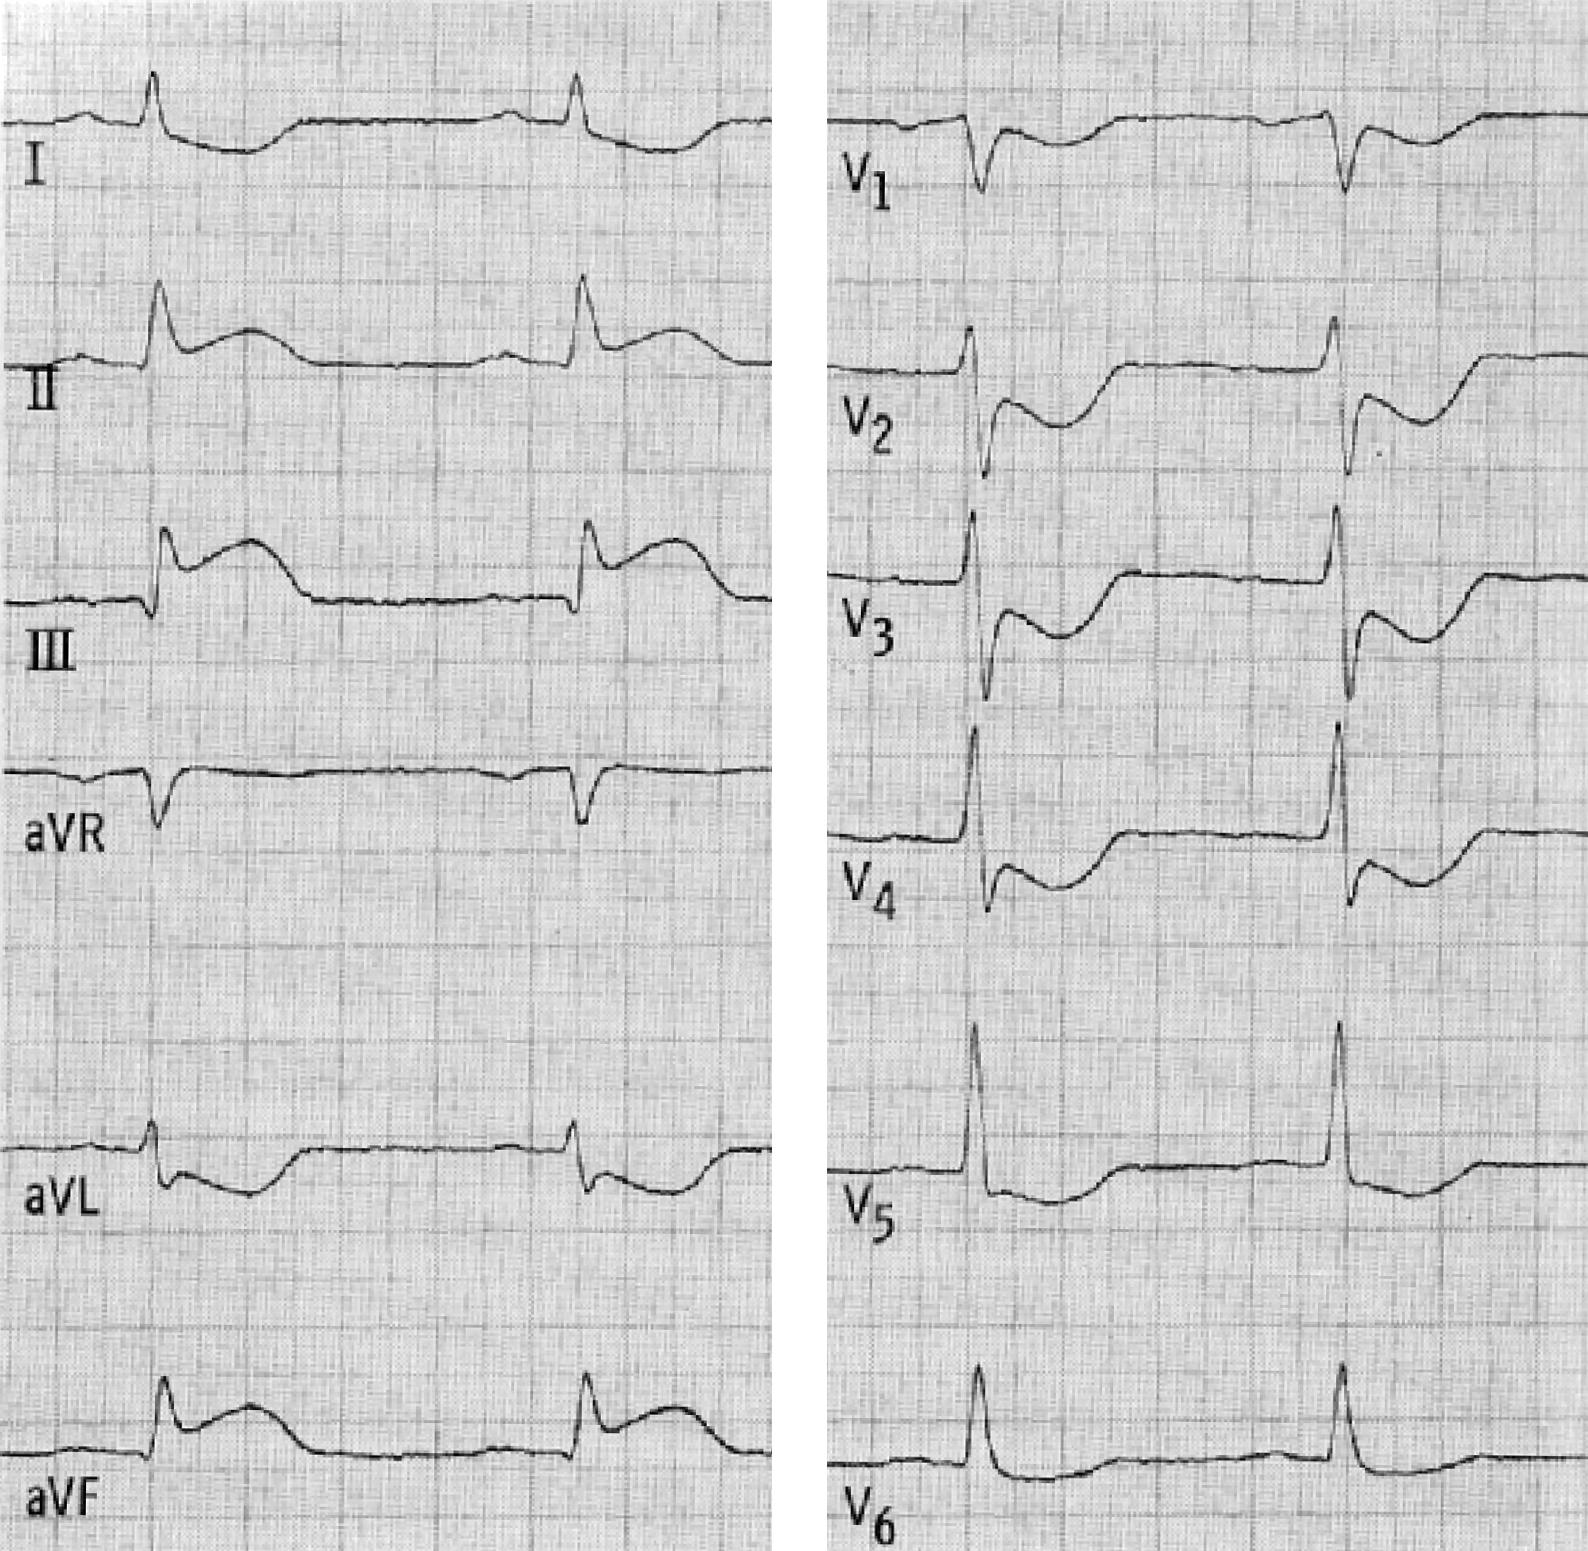 Hat Der Patient Einen Herzinfarkt Springerlink